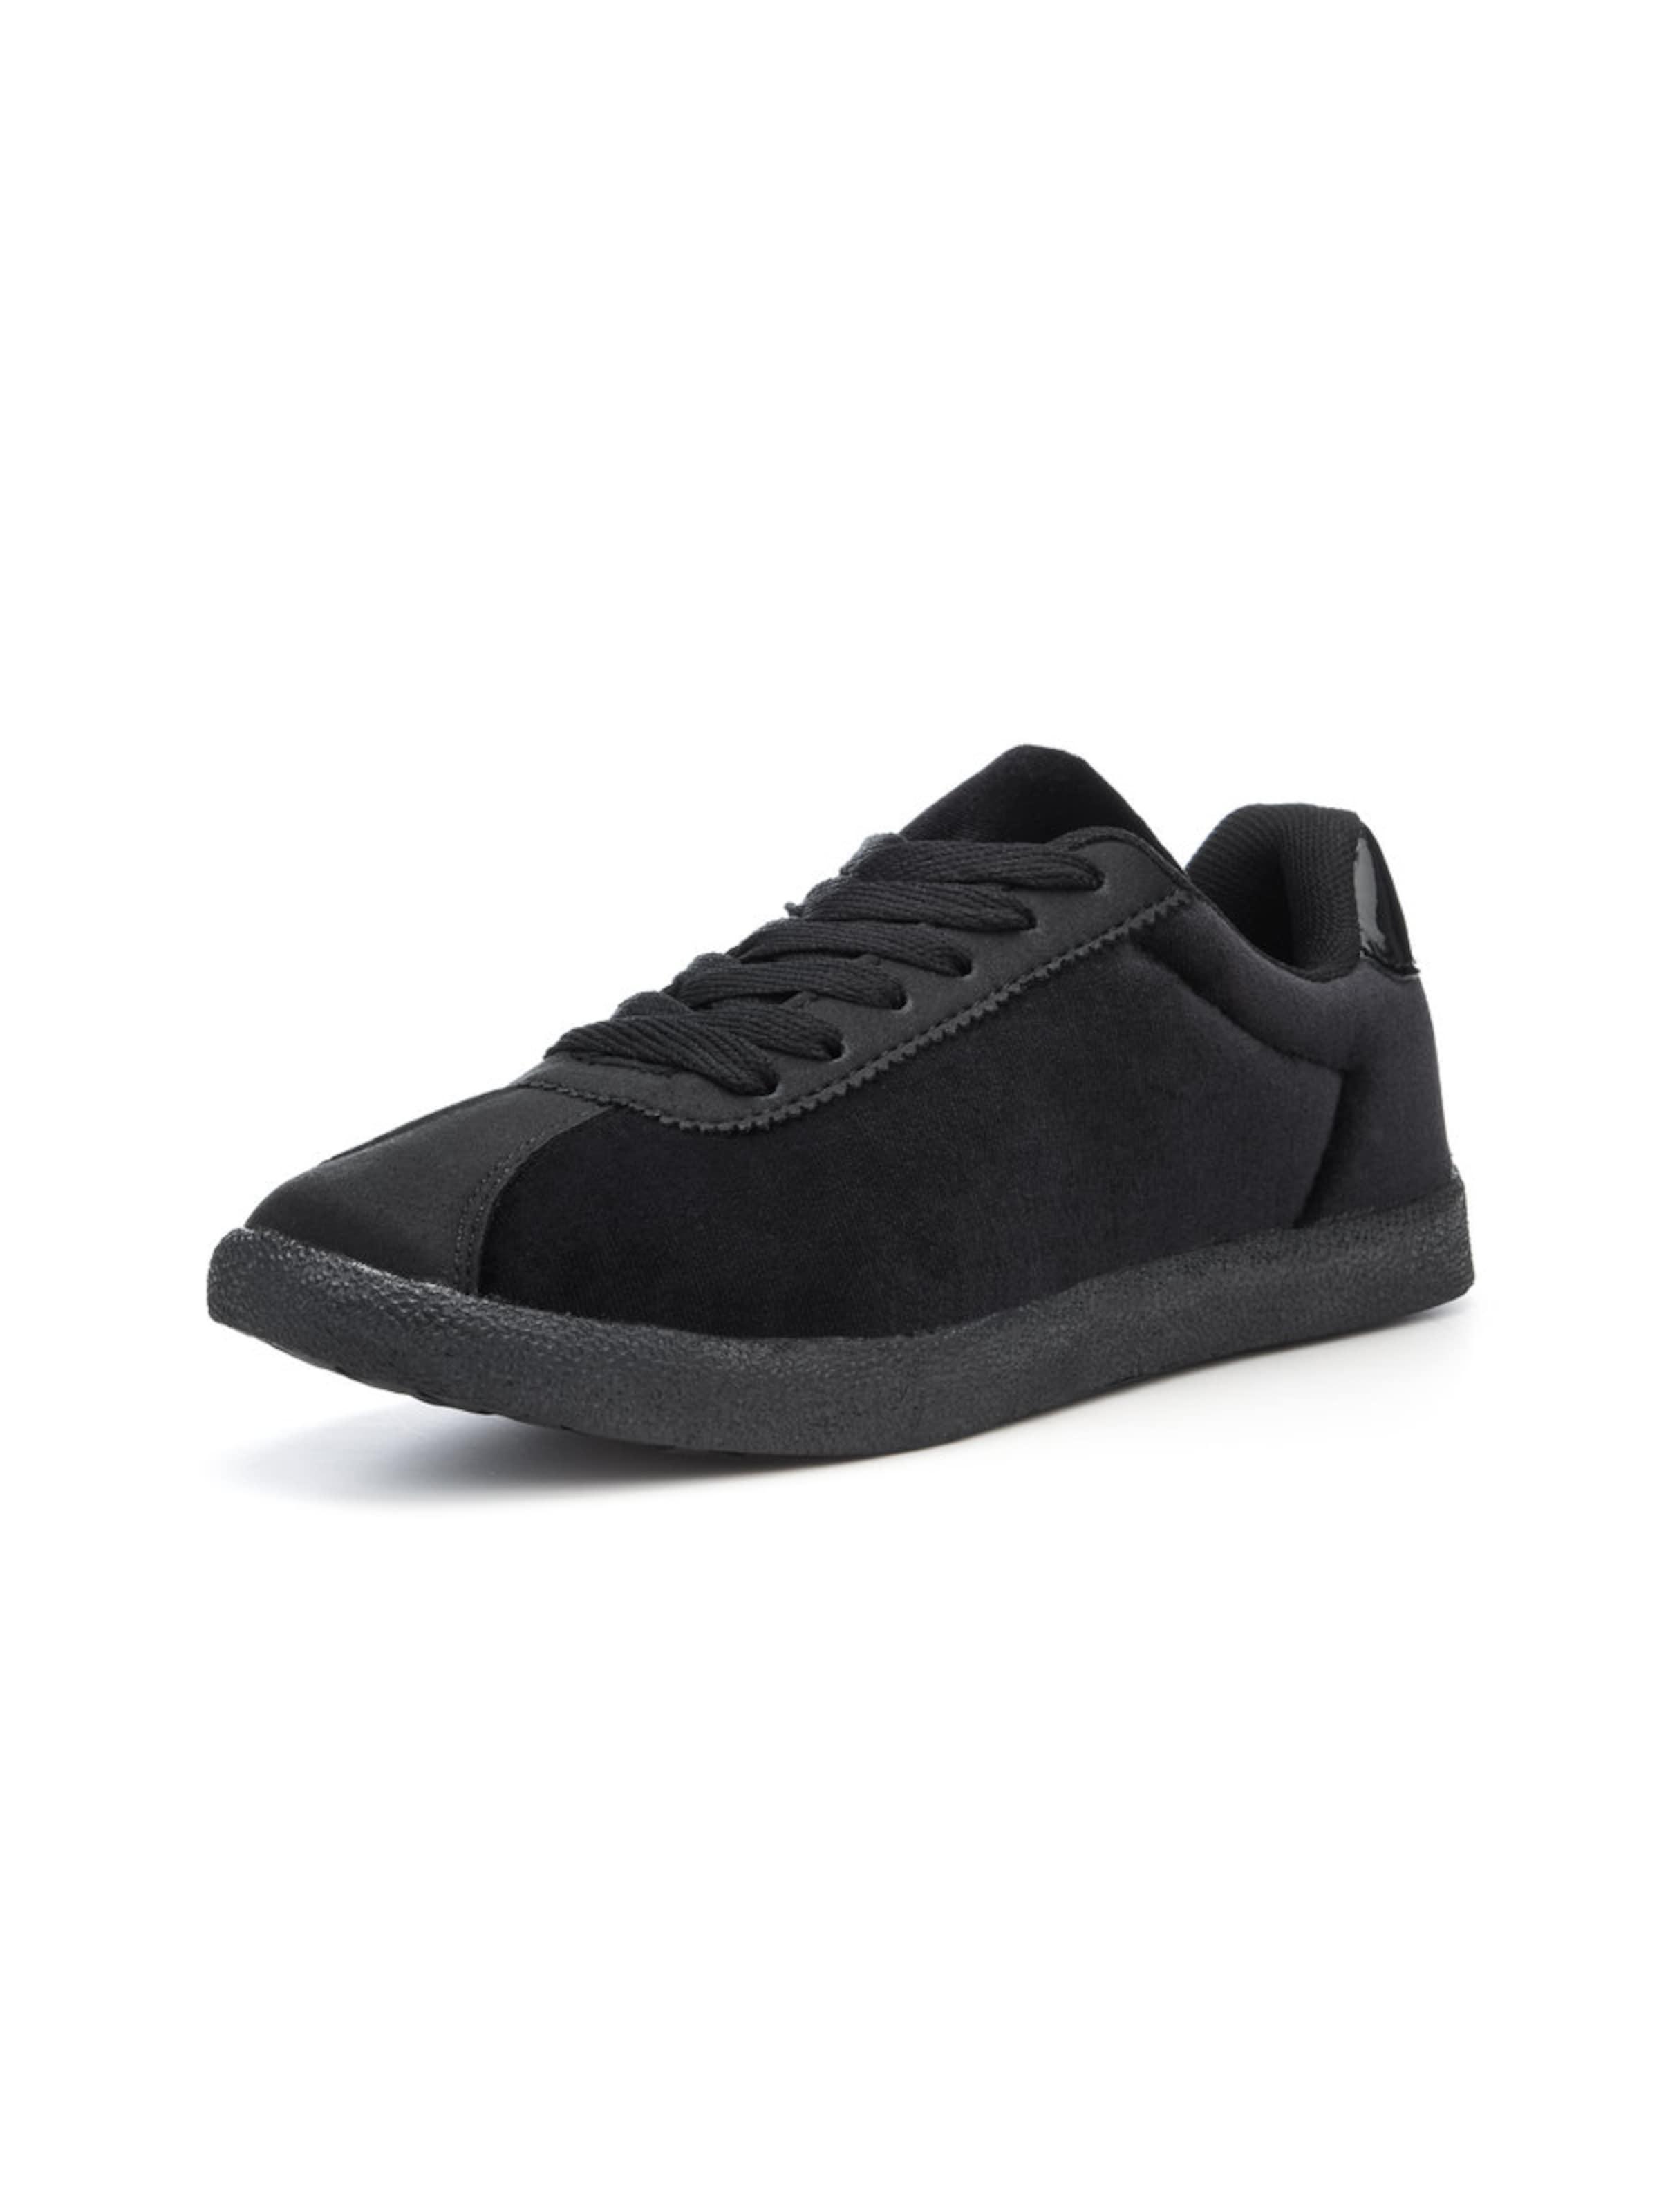 Bianco Schuhe Qualität Aus Deutschland Großhandel FXlC9OhaIh